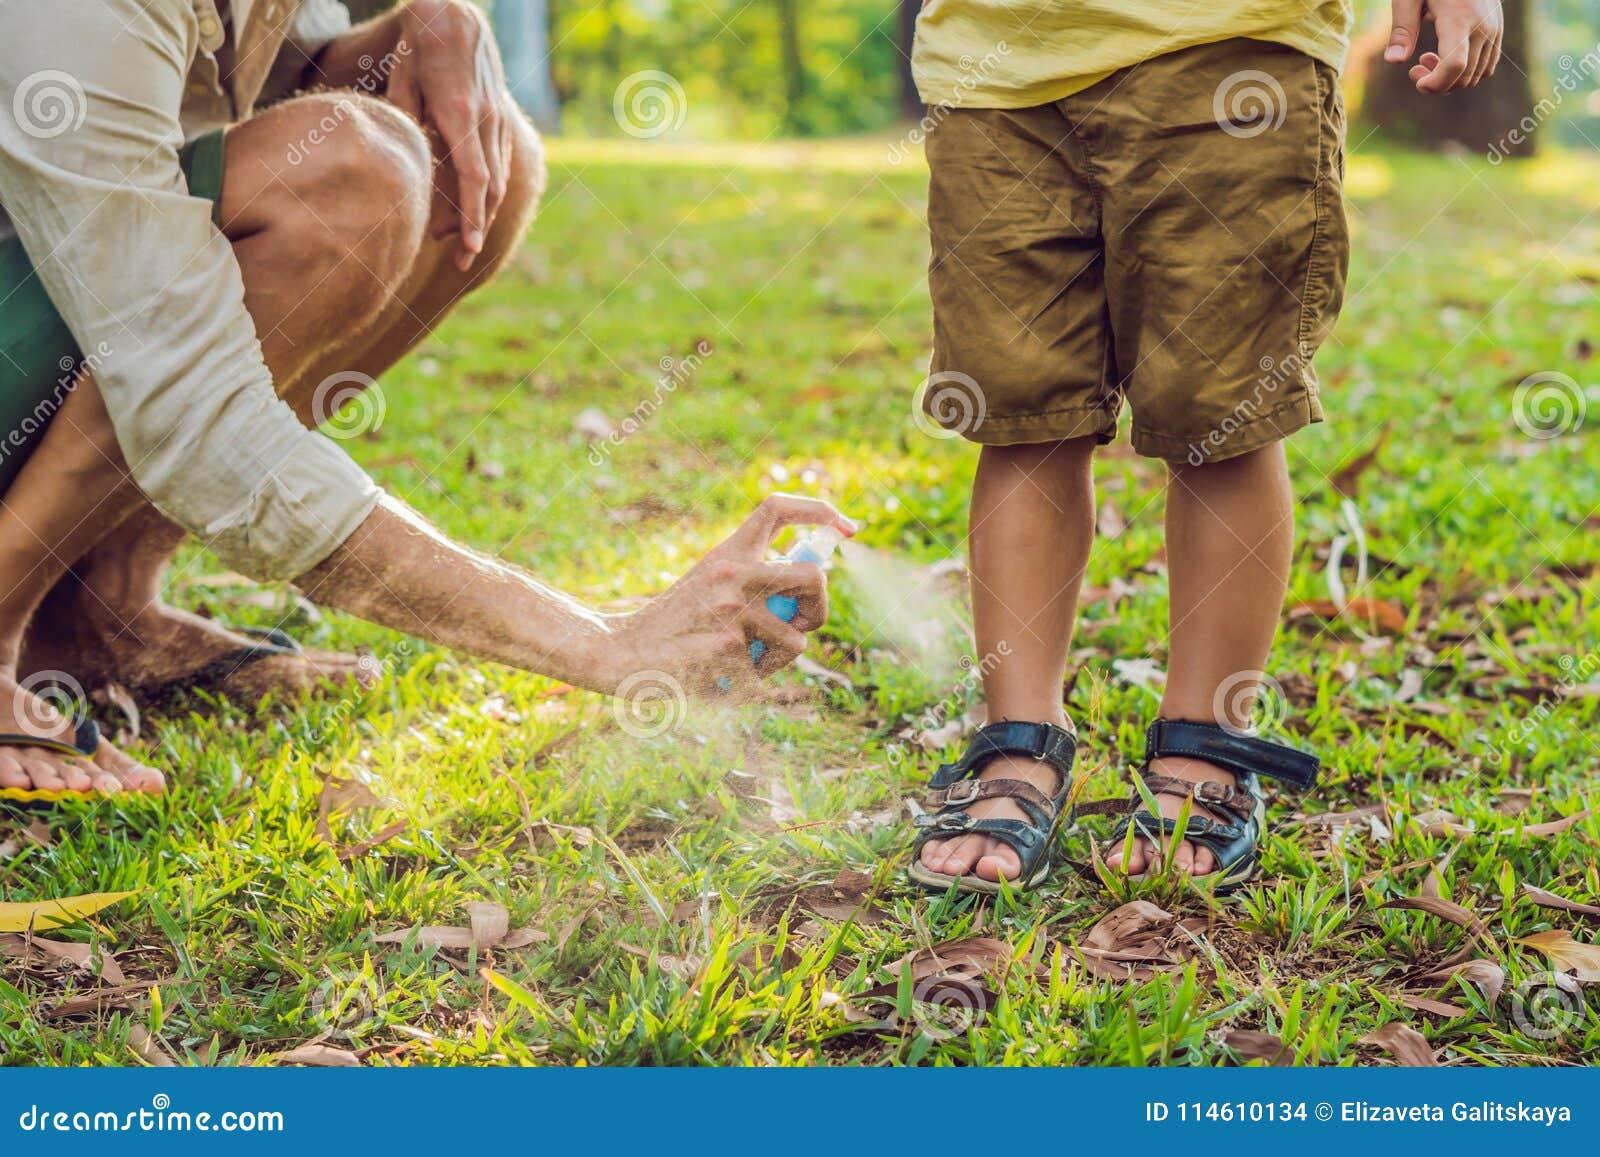 Pulverizador do mosquito do uso do paizinho e do filho Repelente de insetos de pulverização na pele exterior